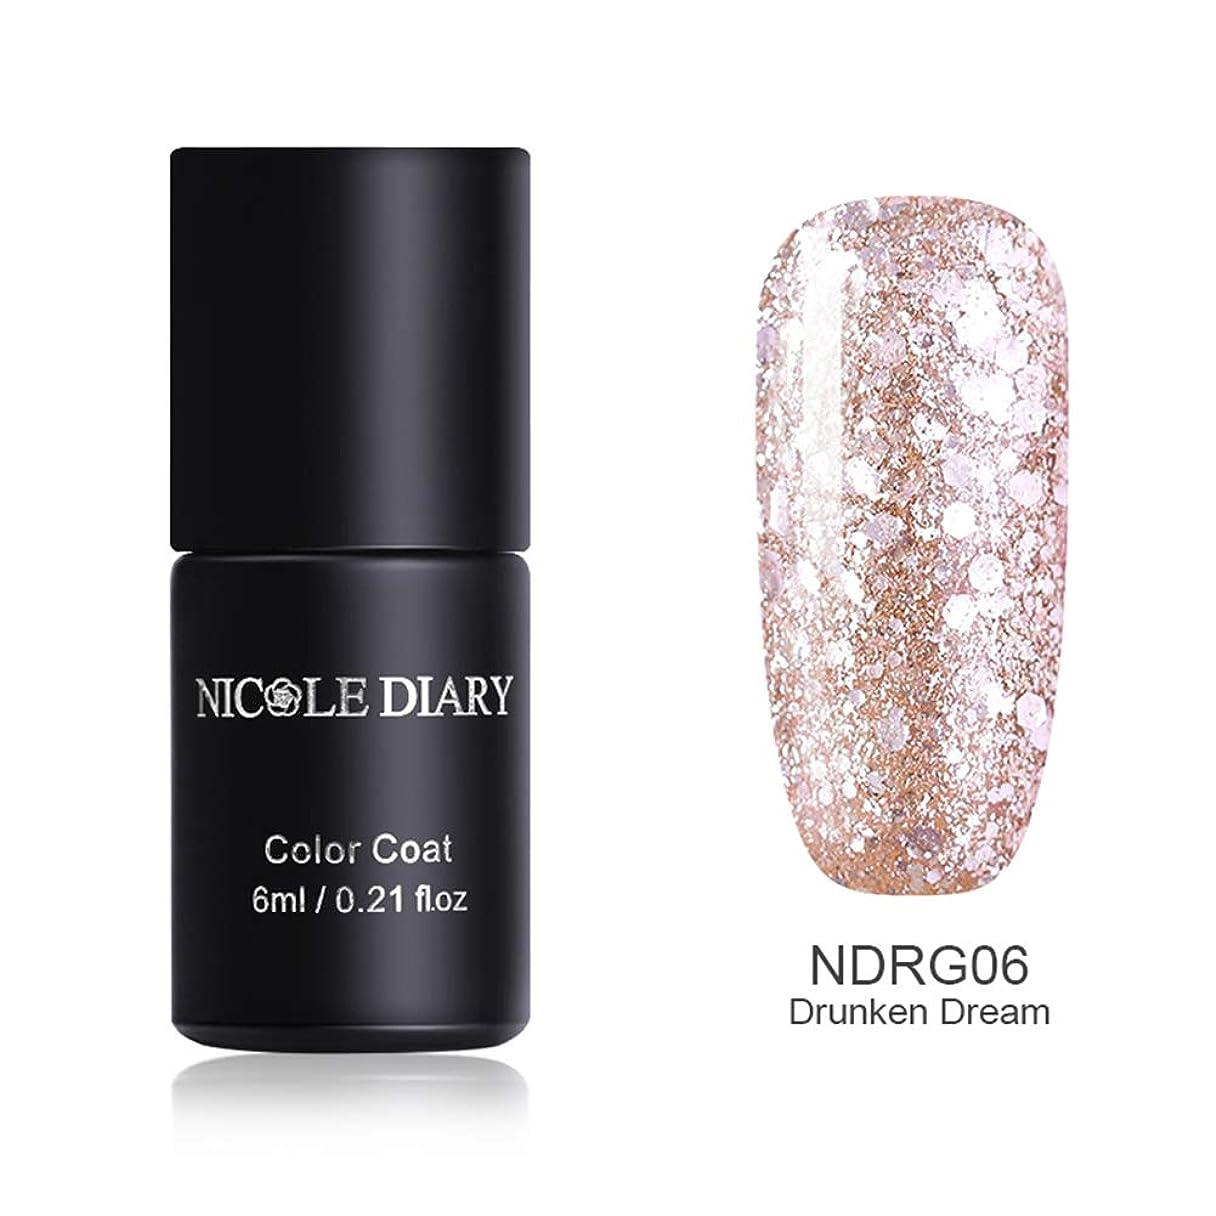 レシピ購入爆風NICOLE DIARY ピンクゴールドカラージェル 6ml UV/LED対応 6色 肌なじみ上品な王道ネイルカラー グリッター ラメ入り カラージェル ジェルネイル NDRG06 Drunken Dream [並行輸入品]